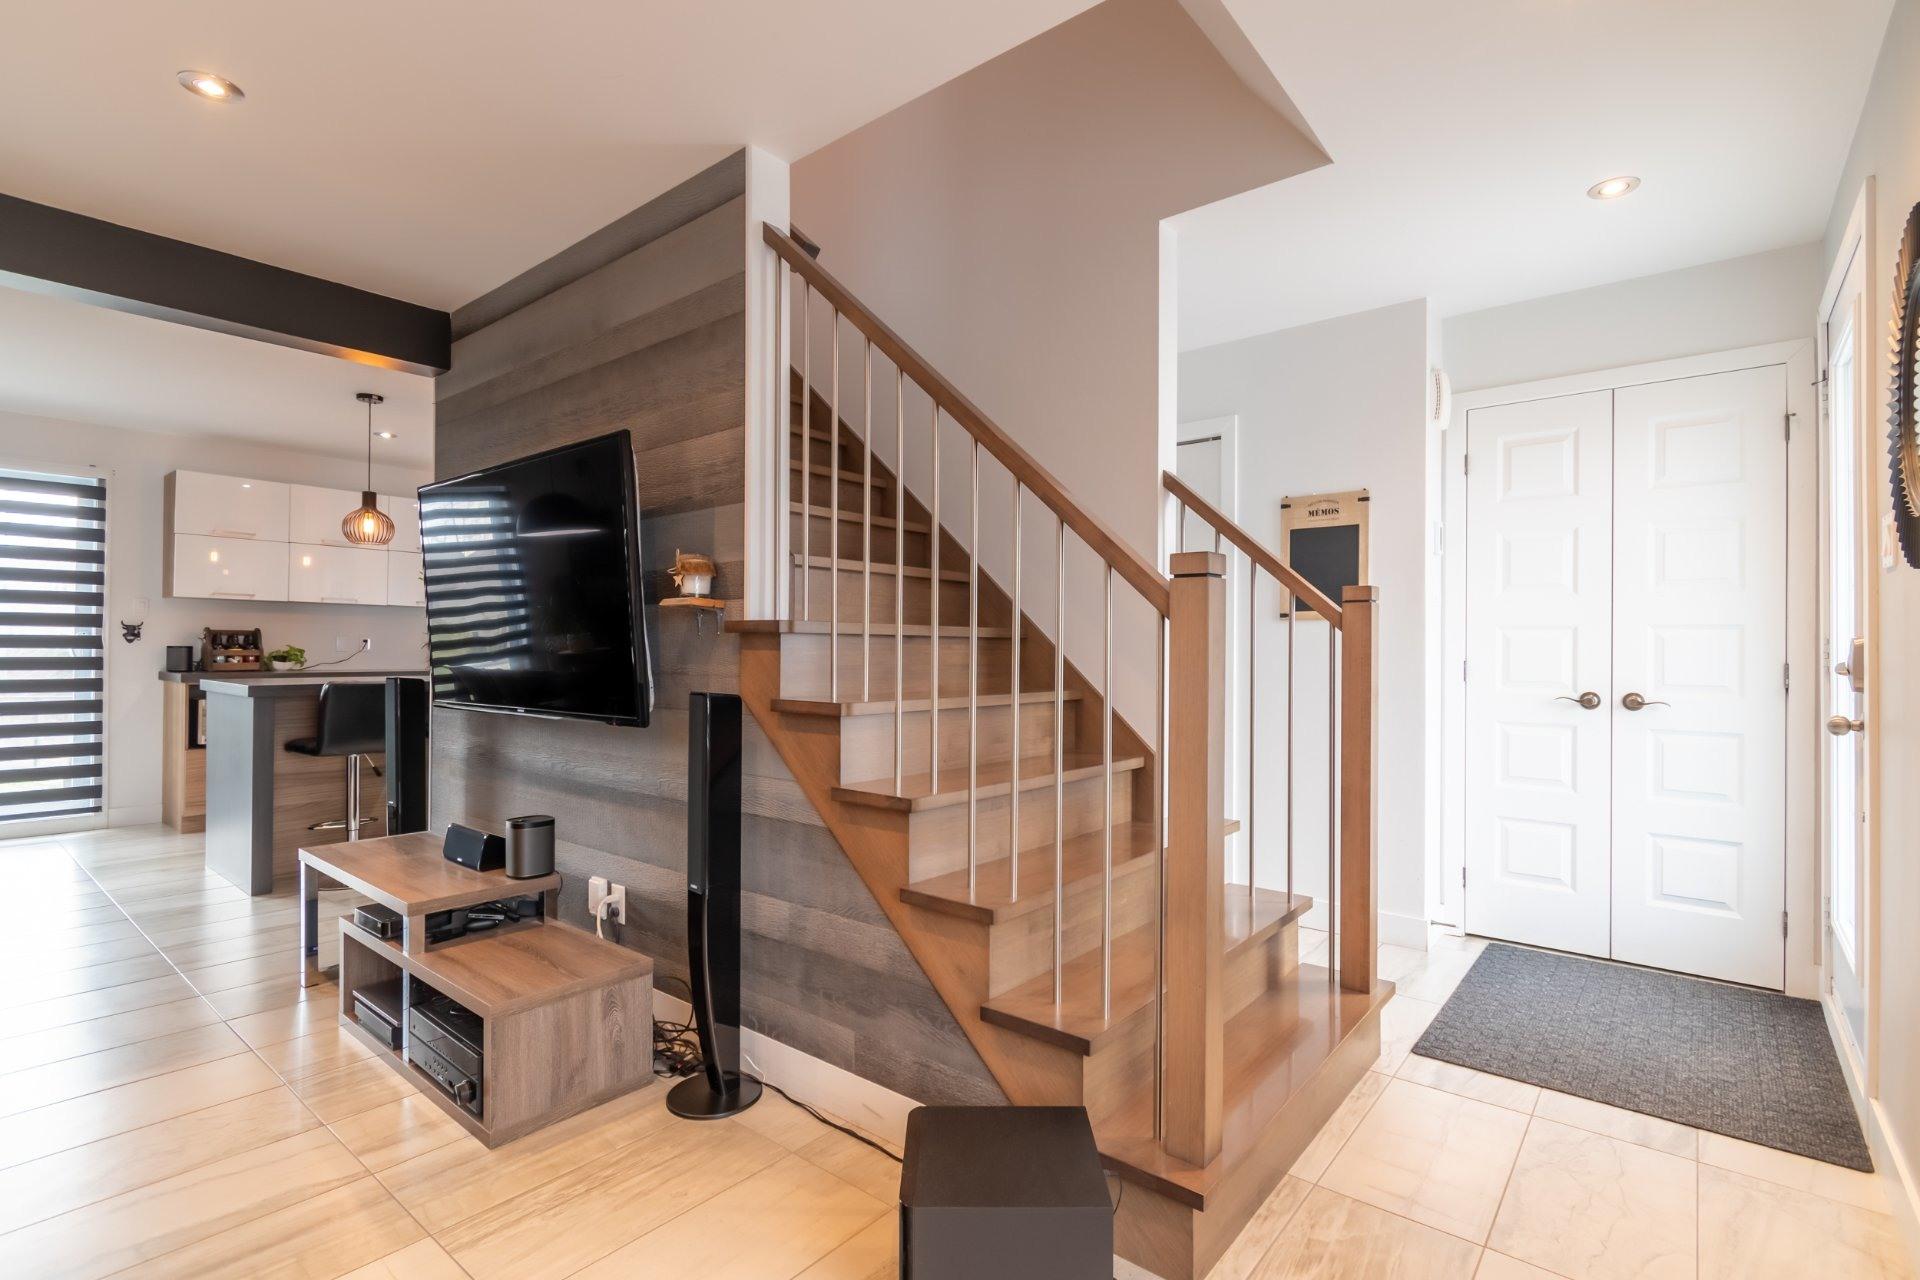 image 11 - House For sale Trois-Rivières - 9 rooms